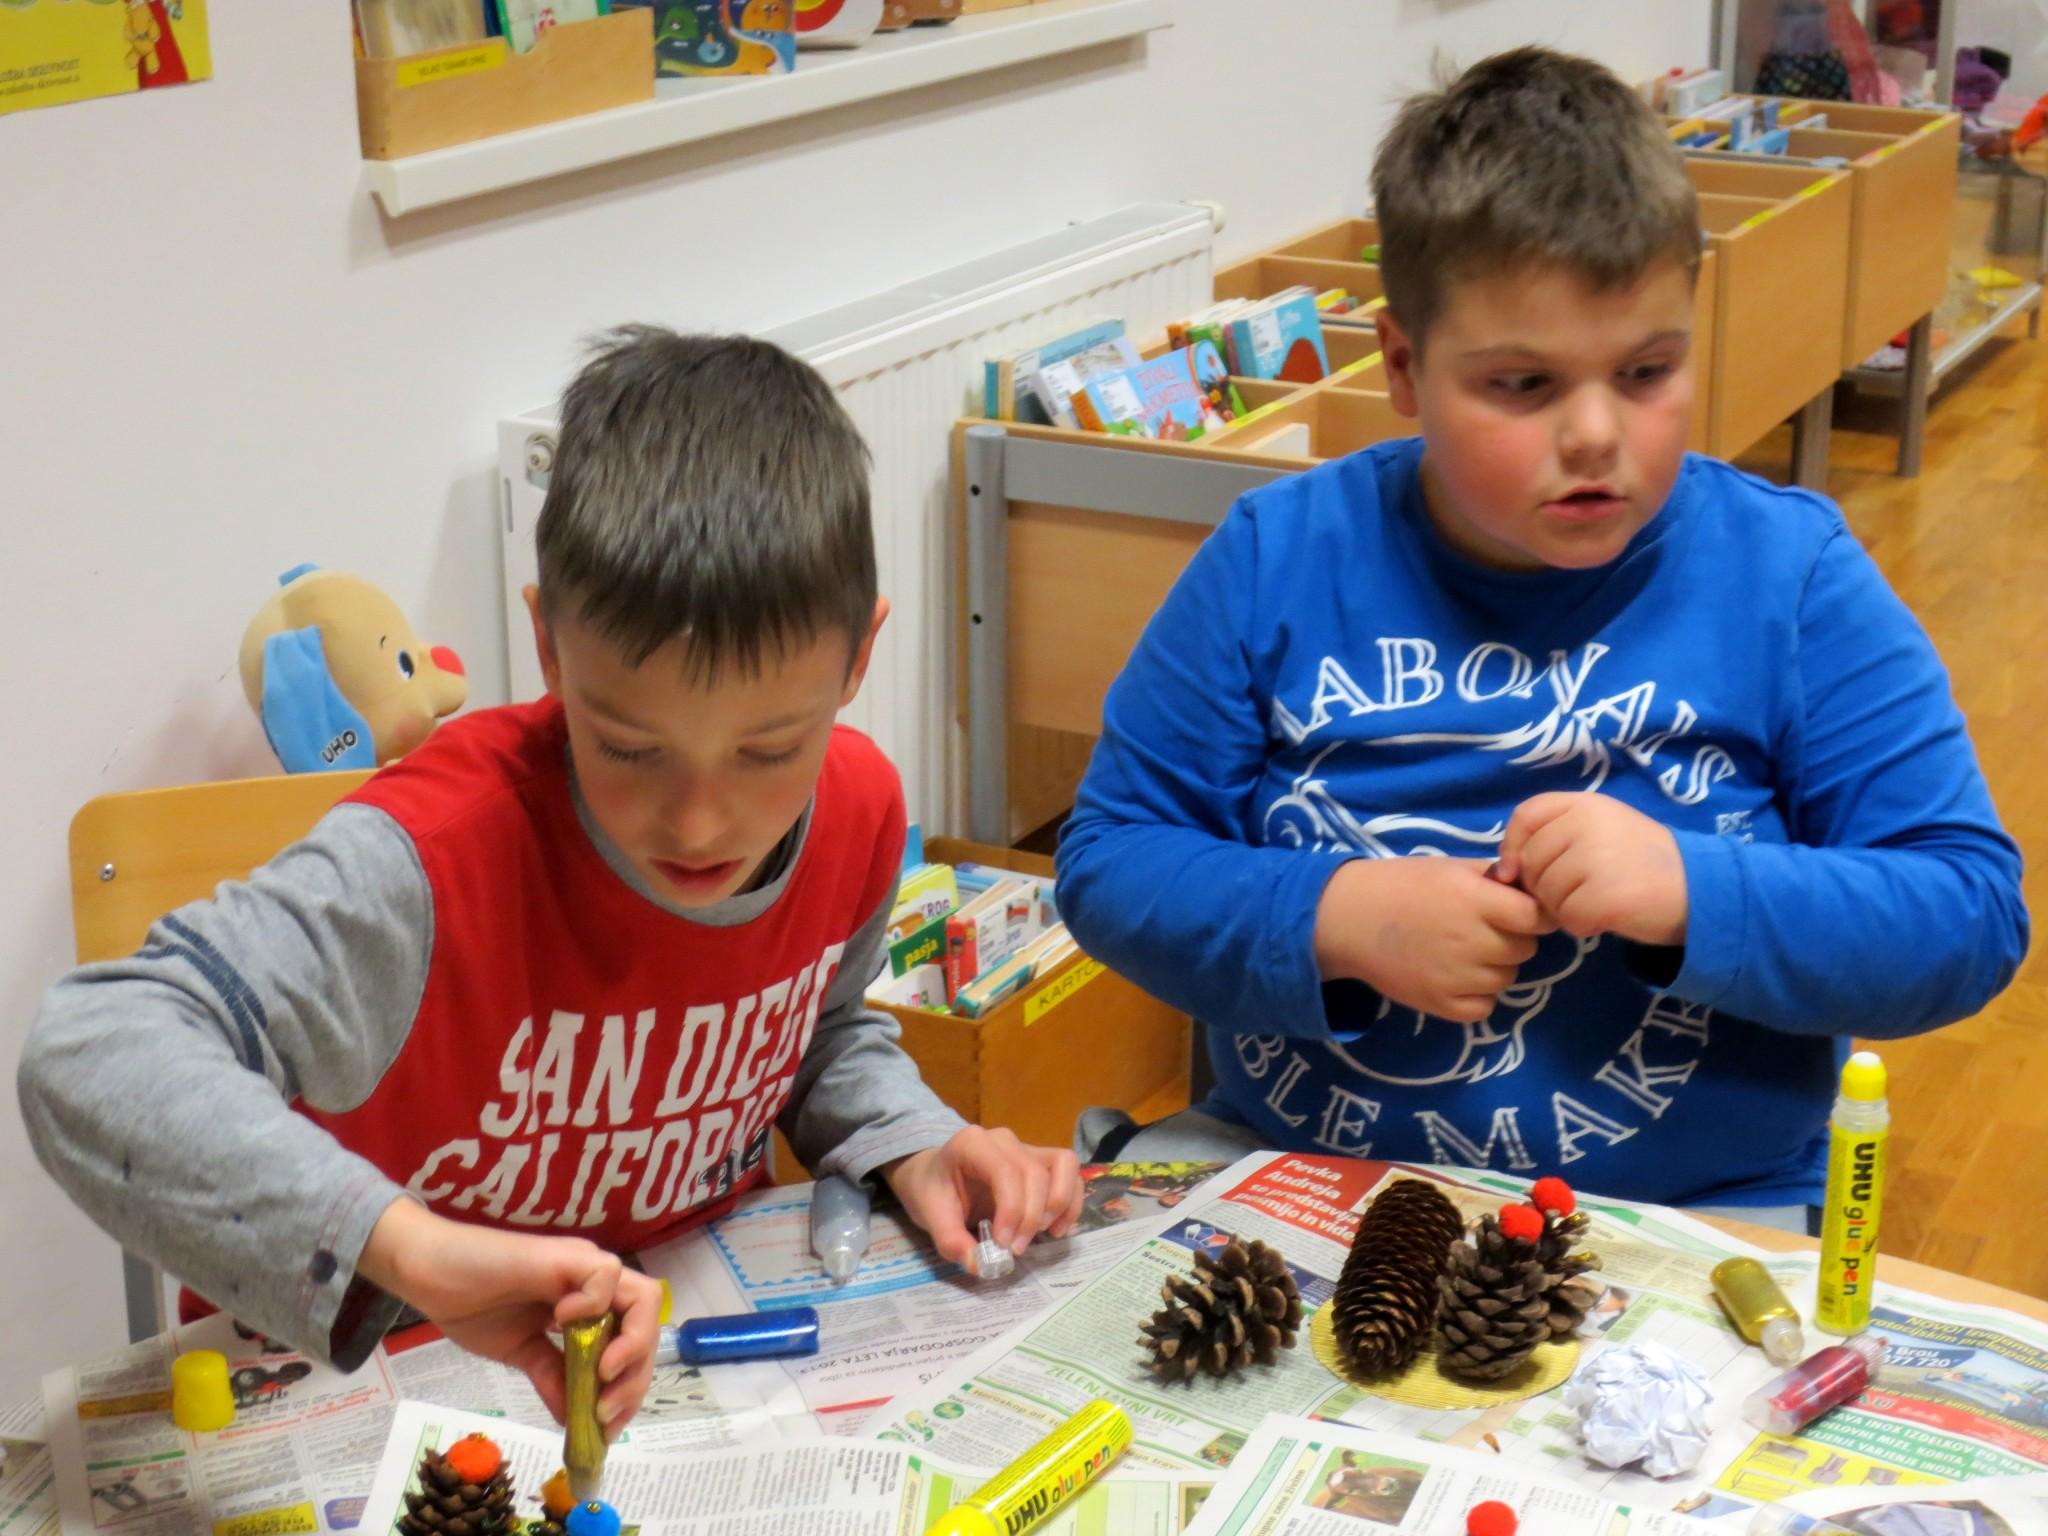 IMG 3211 - Pravljična ura in ustvarjalna delavnica za otroke od 4. leta dalje